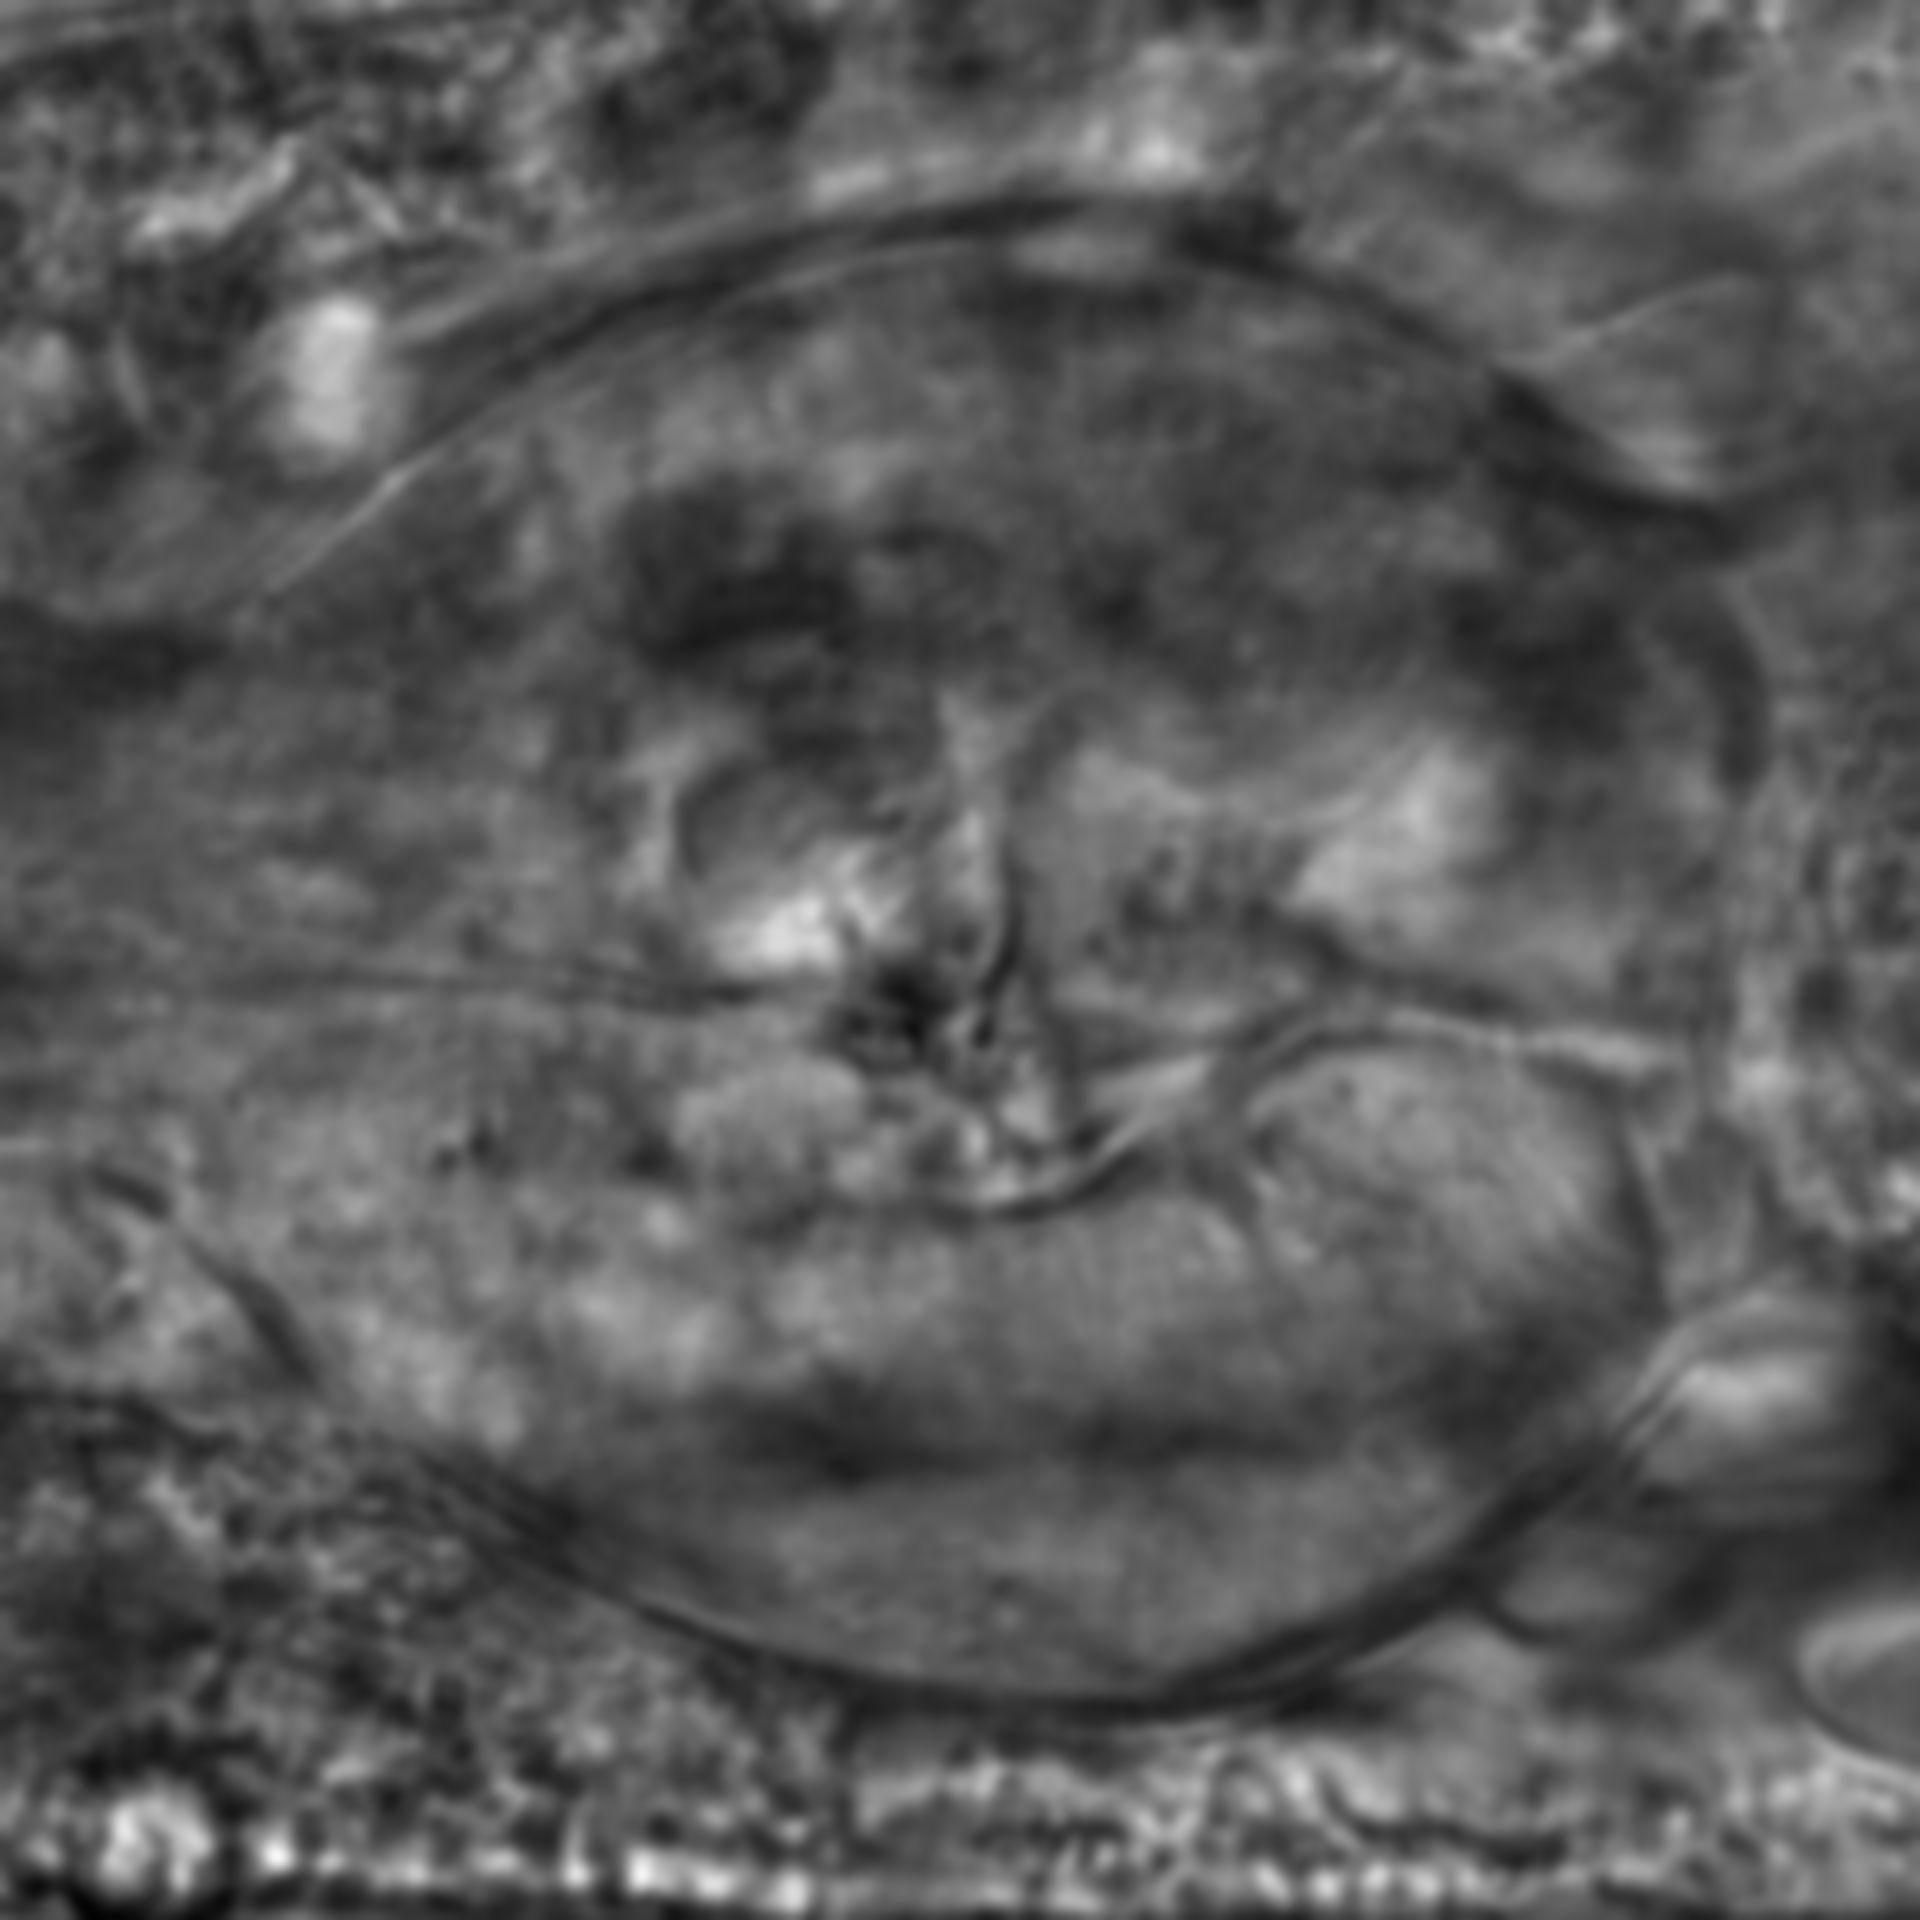 Caenorhabditis elegans - CIL:2780